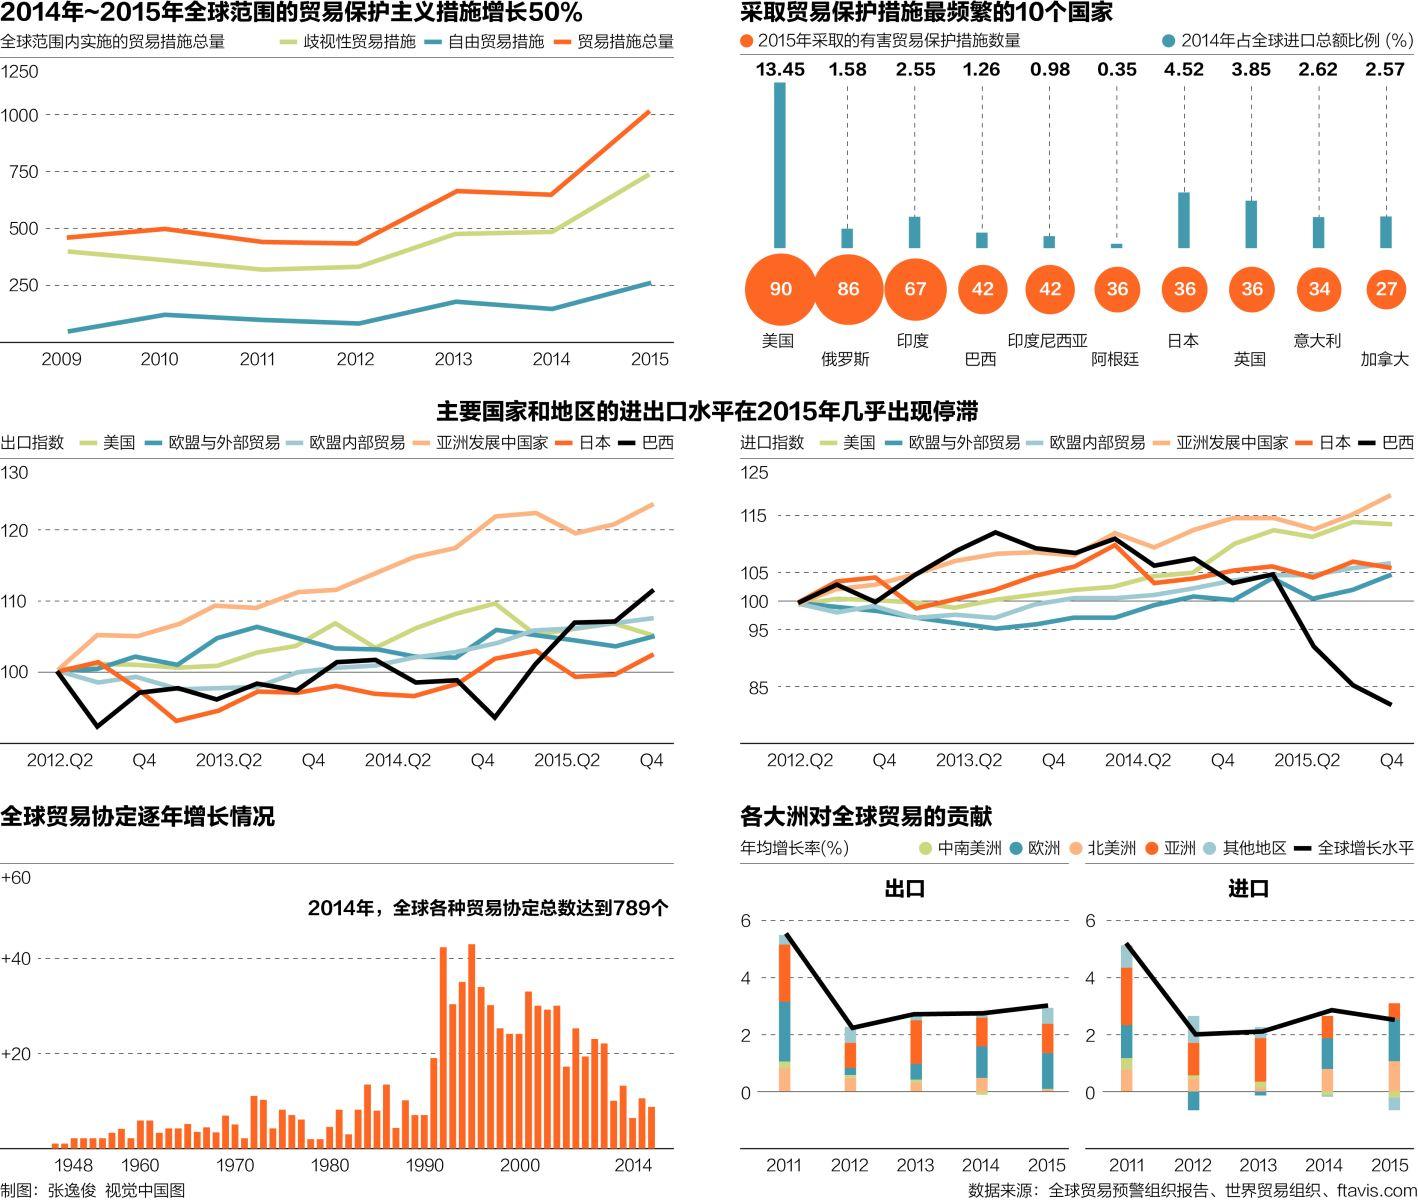 全球出口总量在达到峰值之后,从2015年1月以来连续18个月出现增长停滞。全球经济增长乏力的因素之外,贸易保护主义的零和博弈是贸易增长高位停滞的深层原因。 同时,贸易增长停滞的情况不只出现在发达国家,对一直被认为增长动力十足的新兴市场也同样适用。 长期监测世界各地贸易保护主义活动的全球贸易预警(Global Trade Alert)组织,近日发布一份报告给出上述结论。